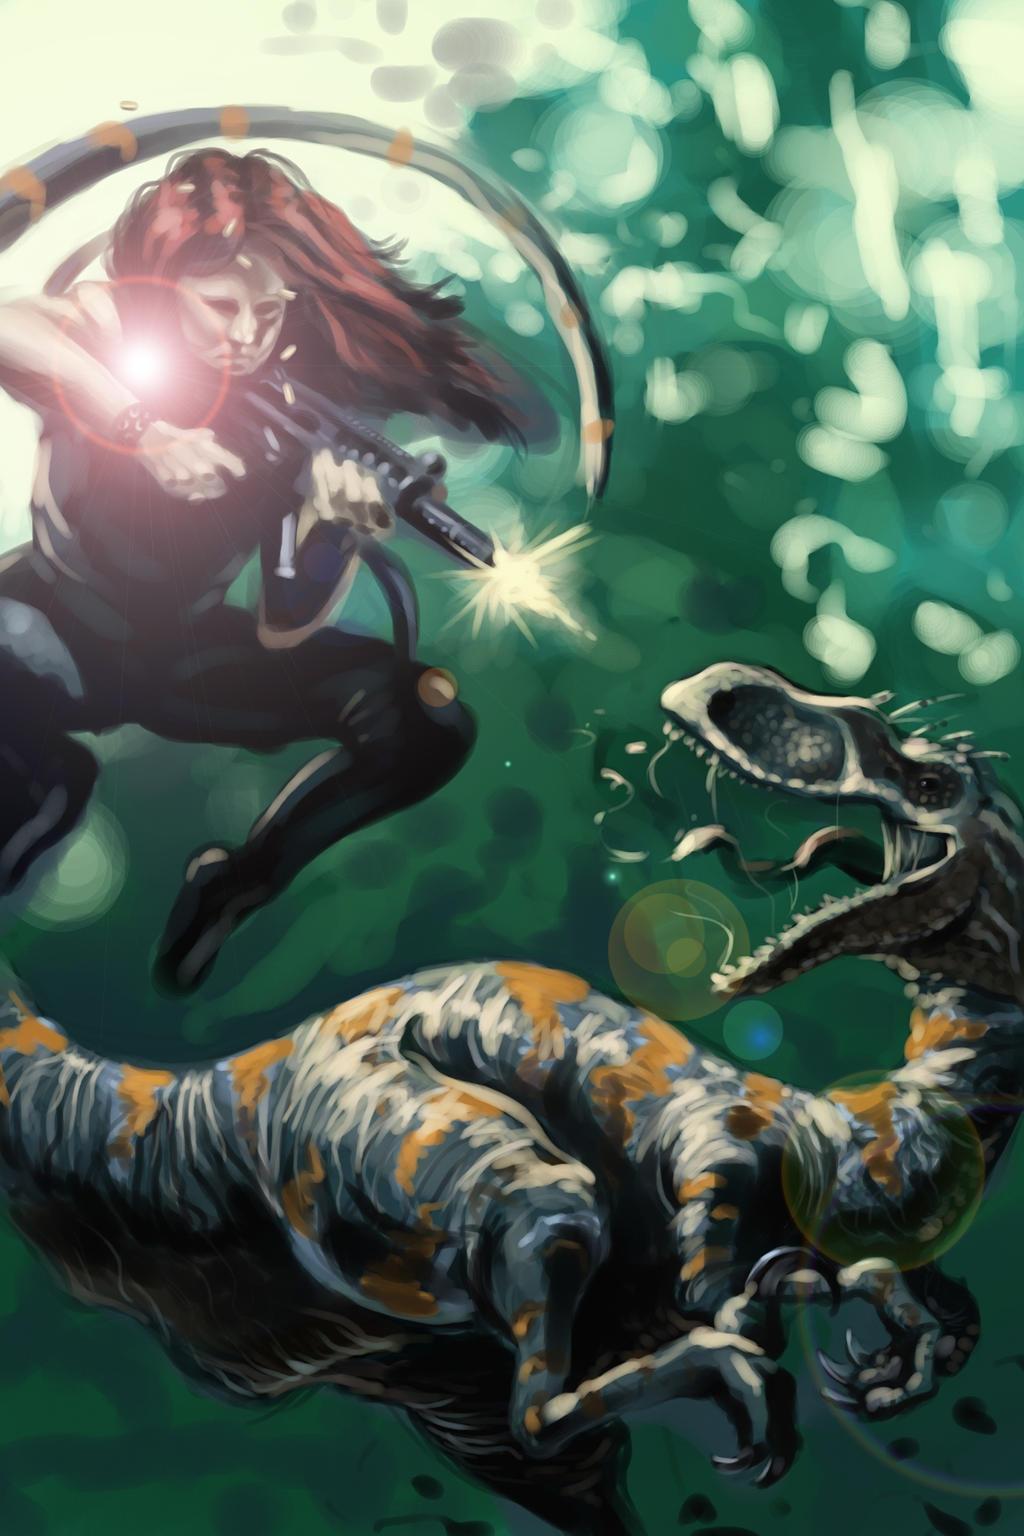 Raptor Mercenary by Cookiee1991